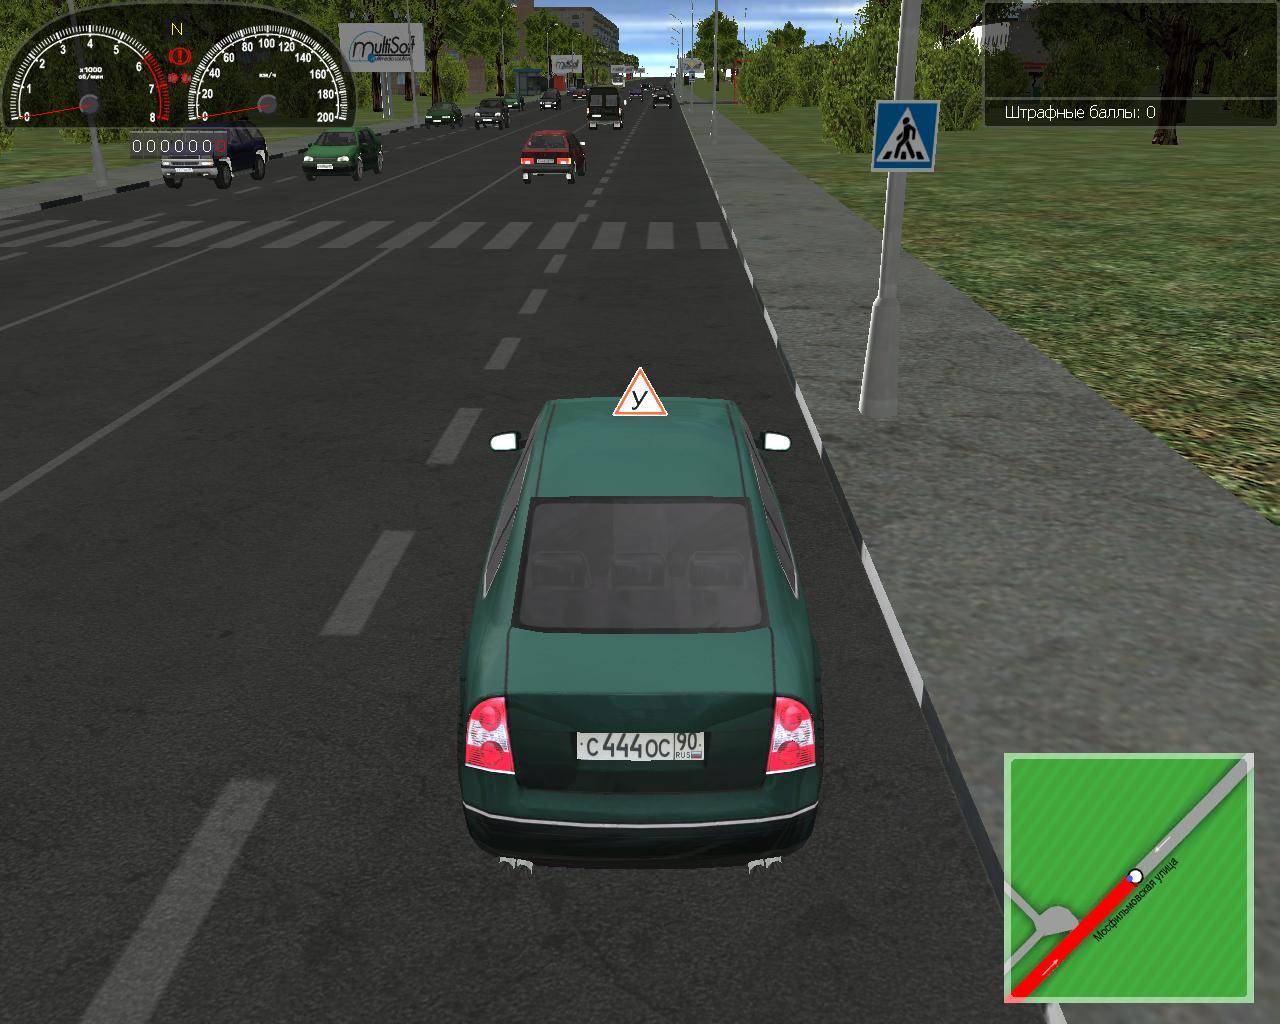 игры вождения машины по городу как в реальной жизни